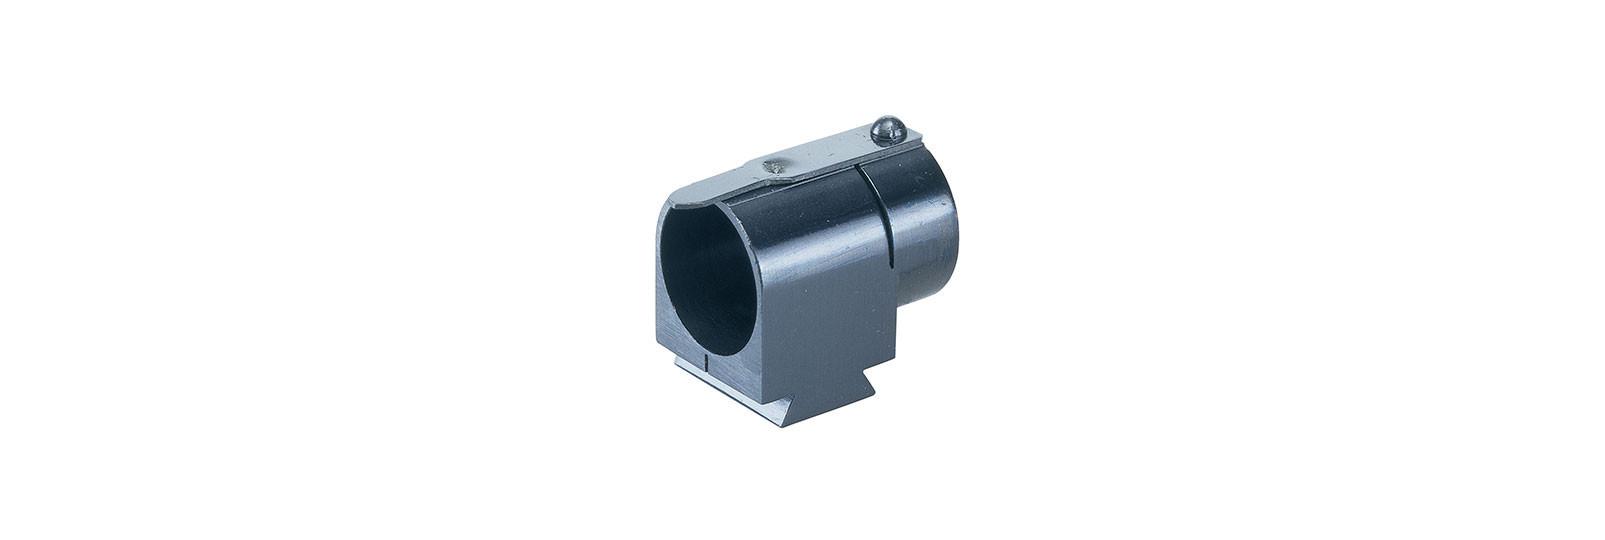 Mirino tunnel armi avancarica - 18 inserti